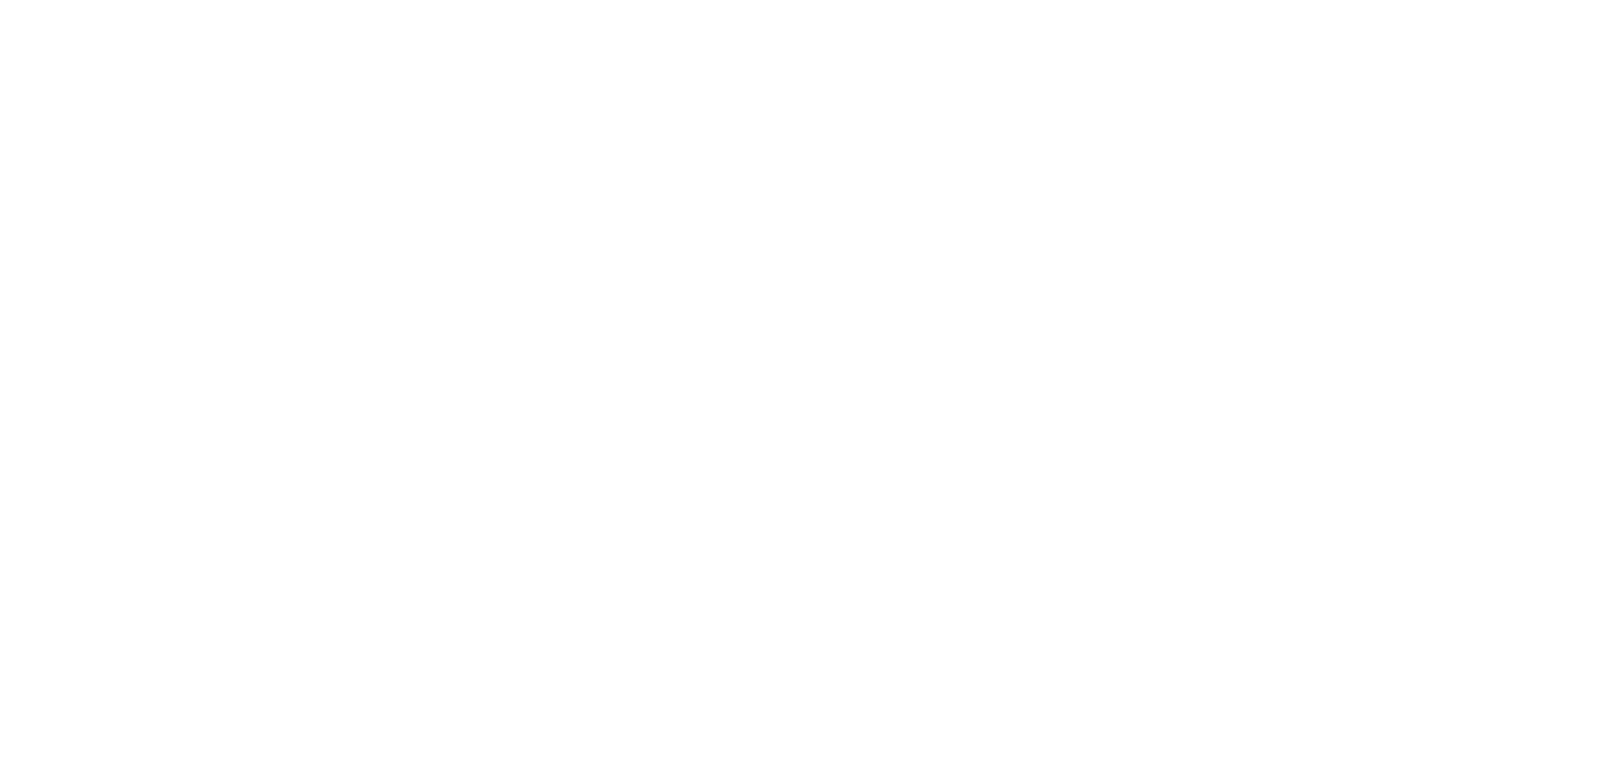 瀏覽手機版 外出按摩師照片的 button png